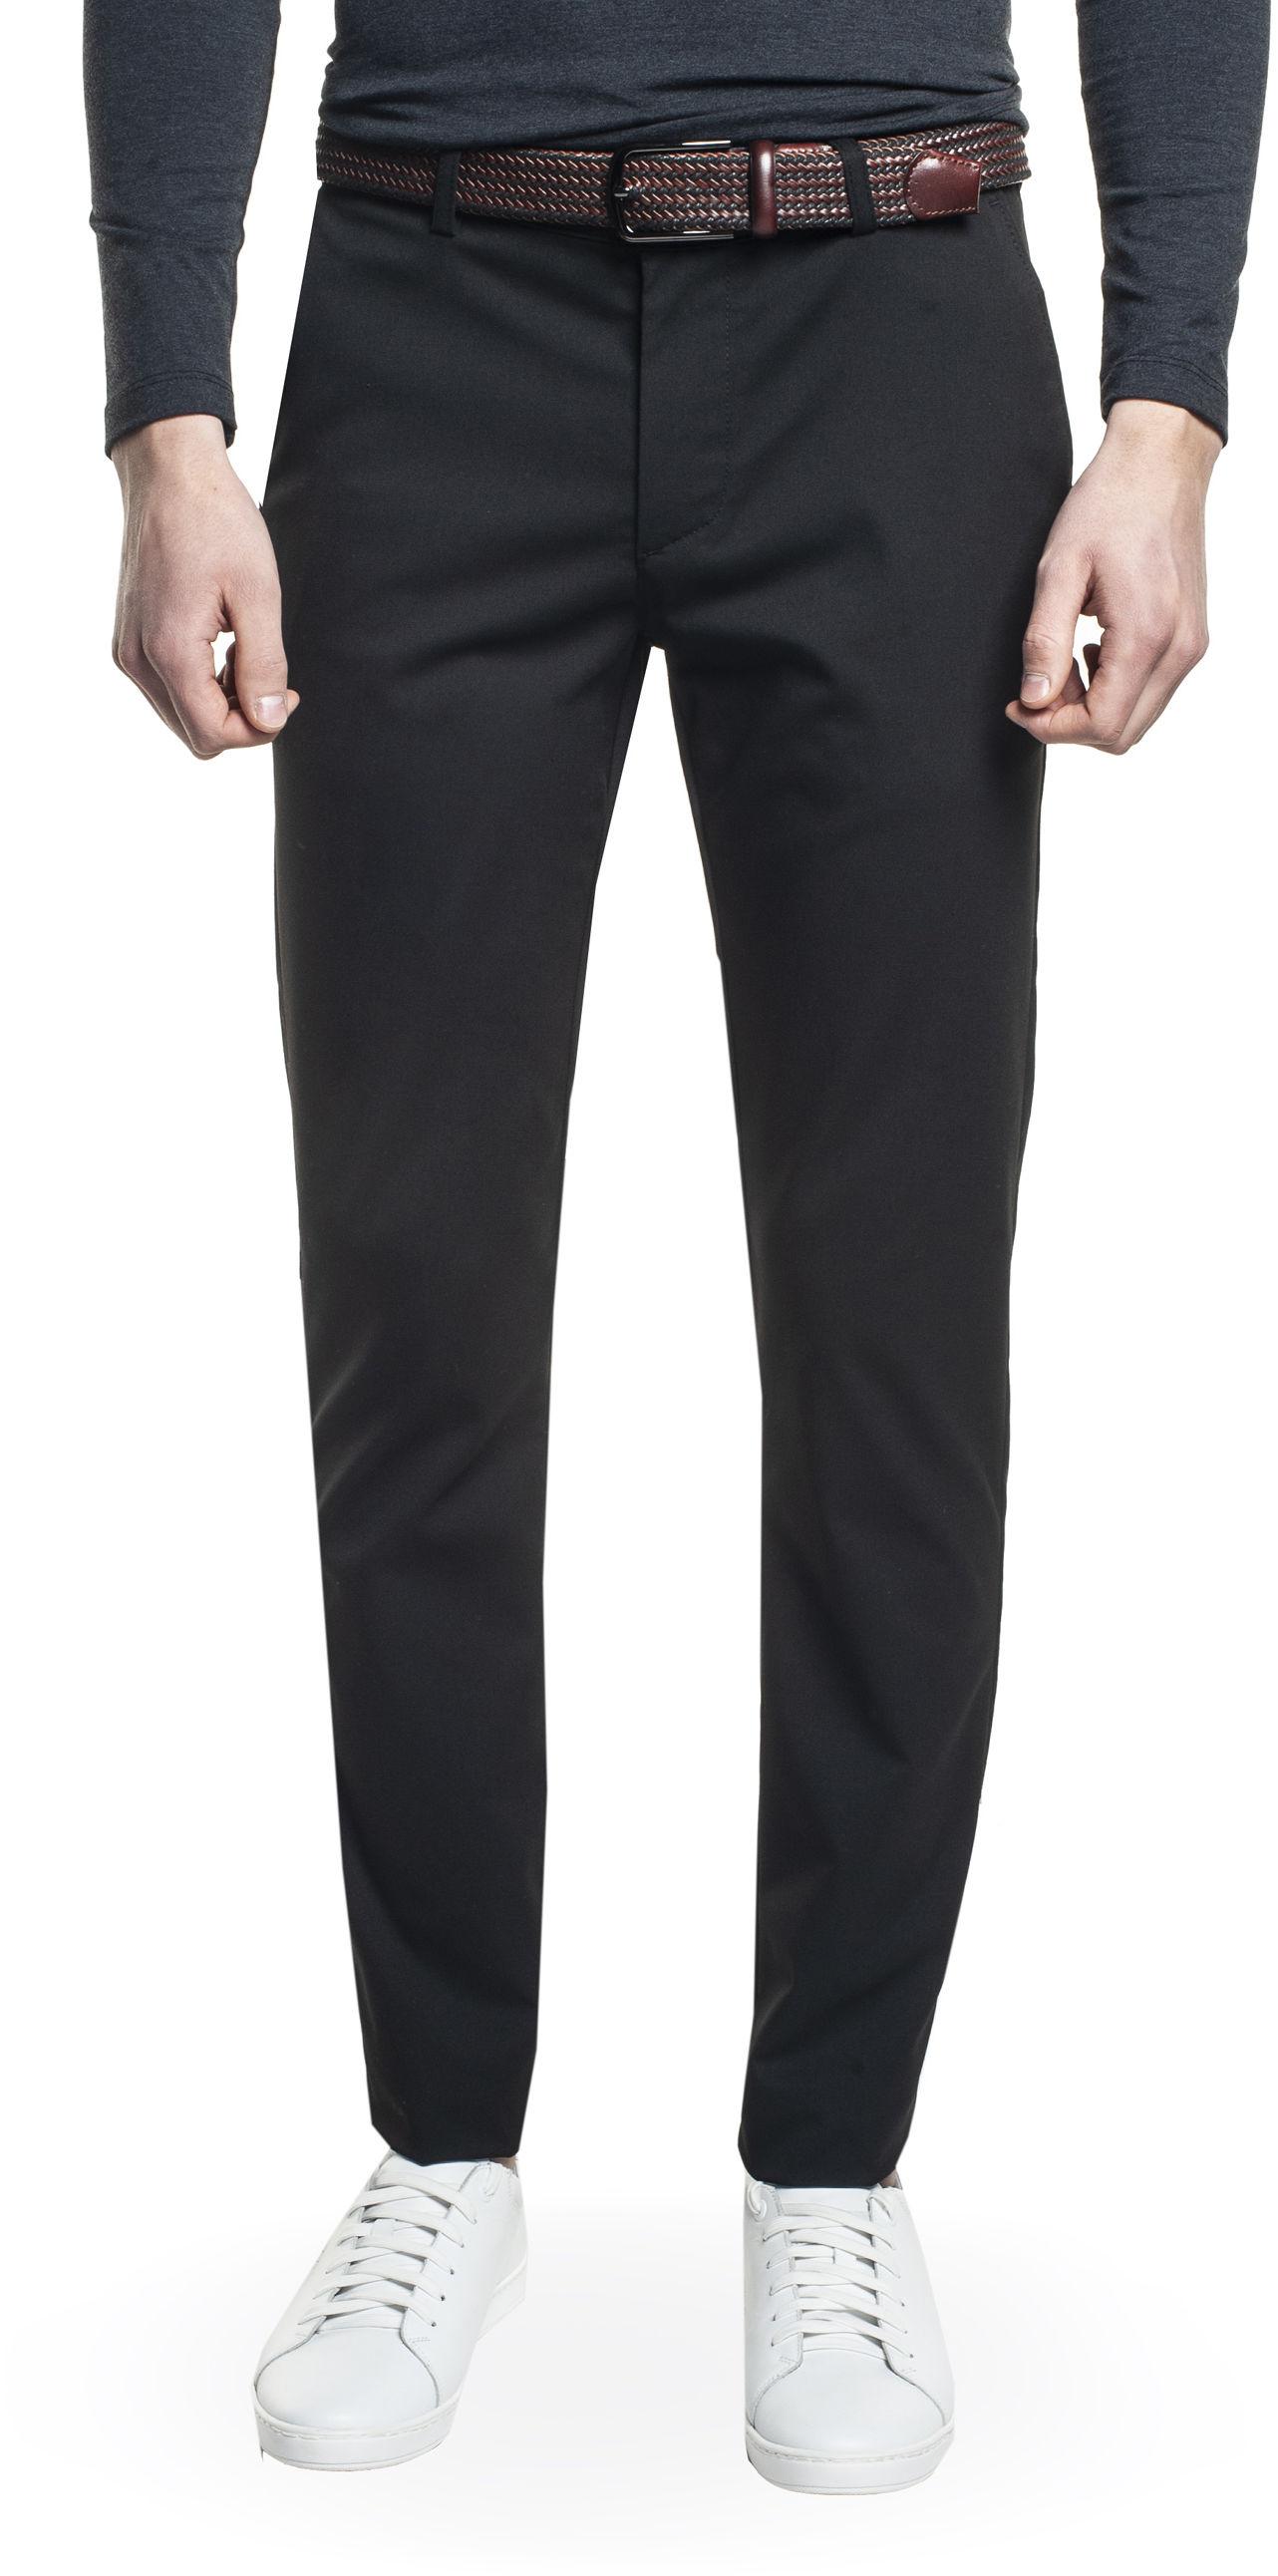 spodnie morgan 218 czarny